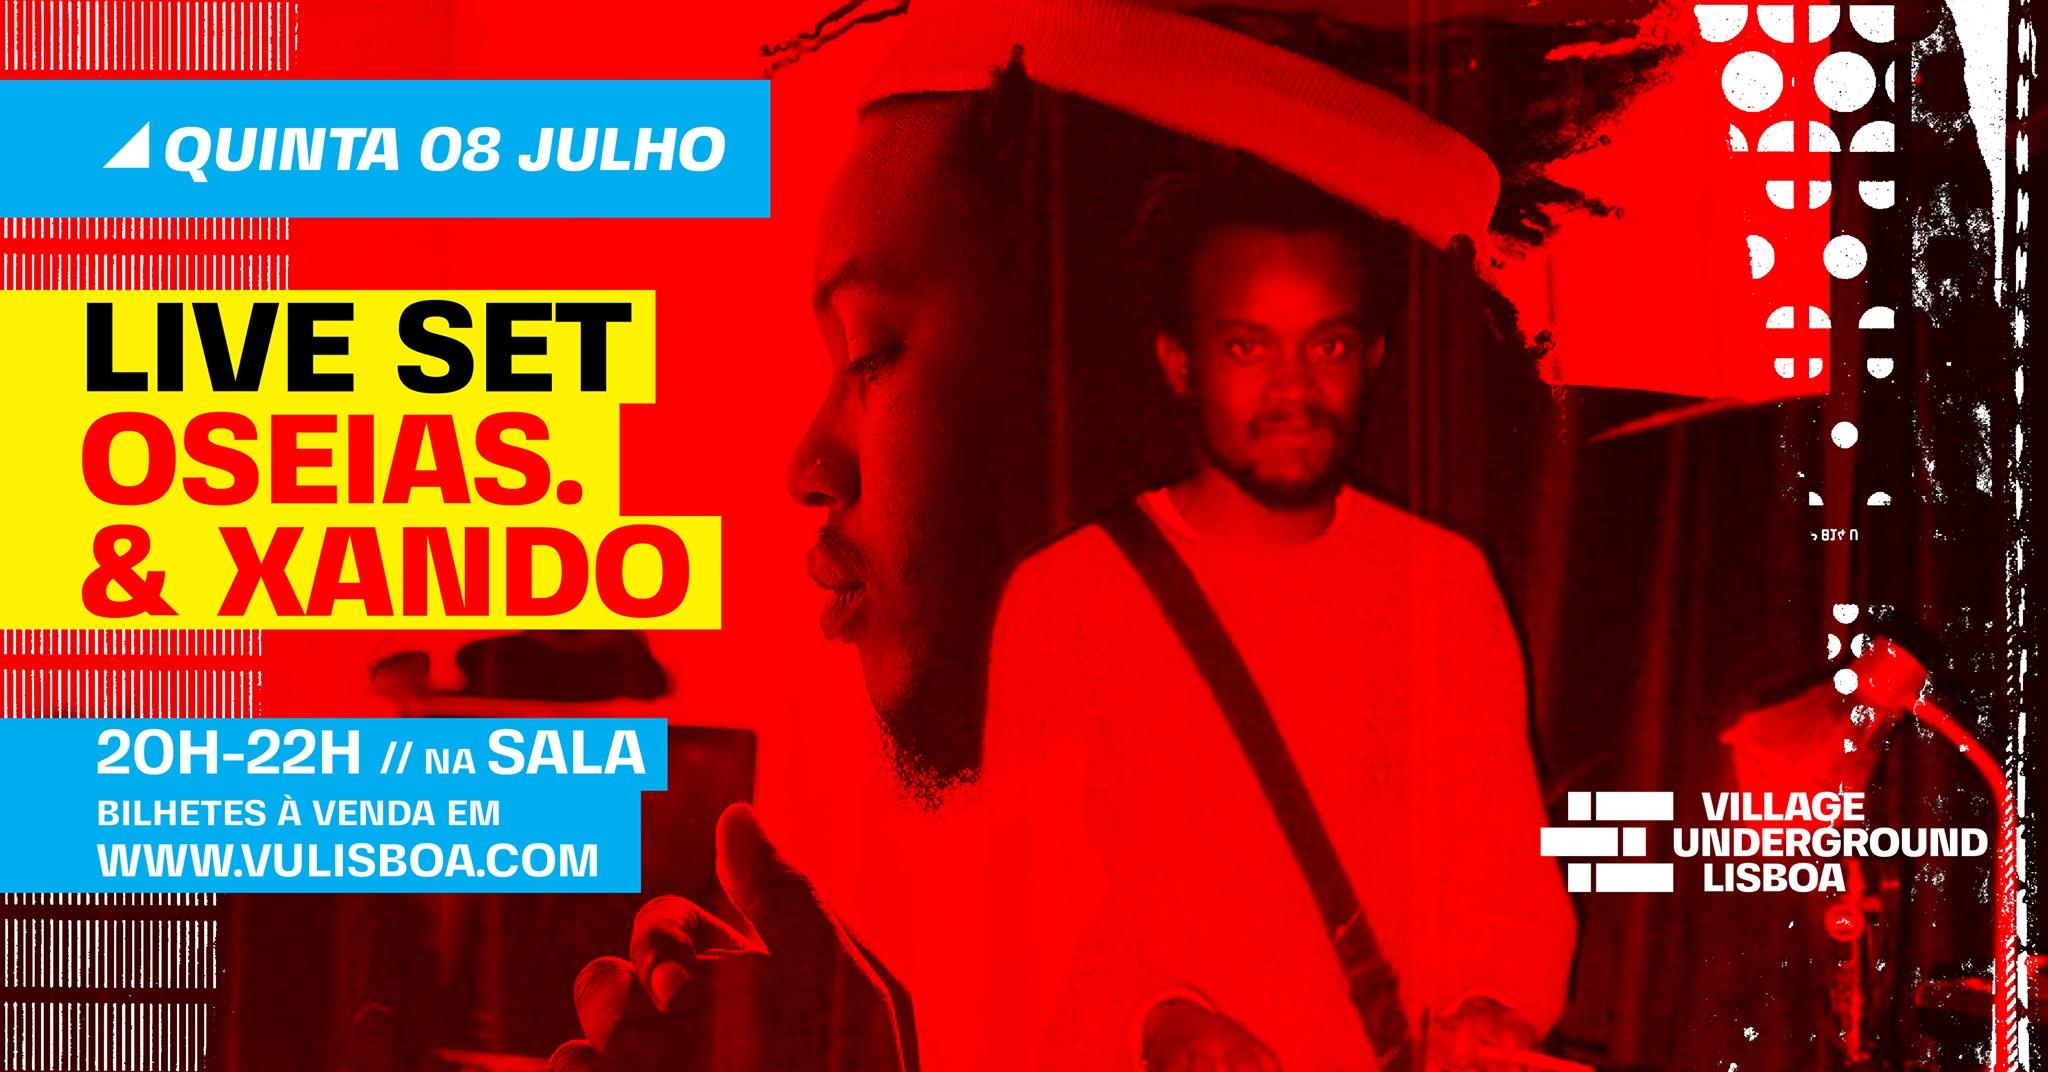 8 Julho- Live set Oseias. & Xando